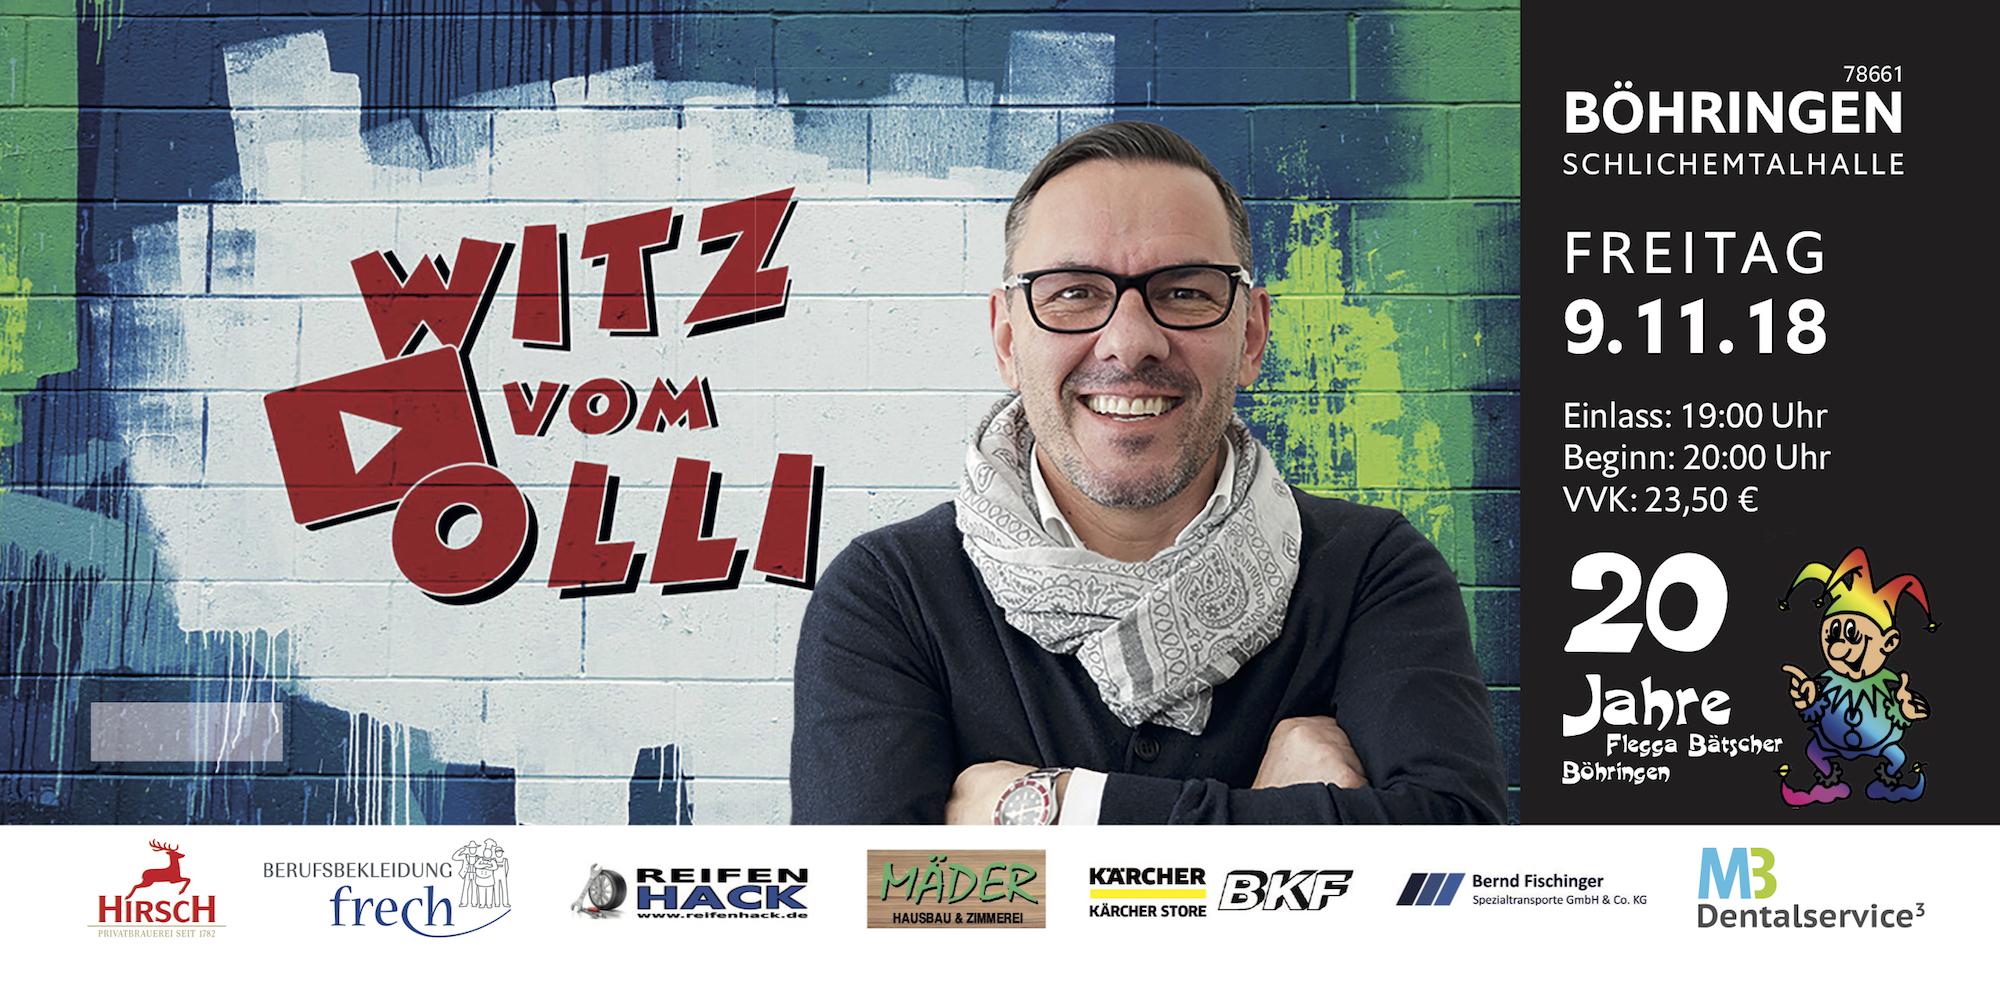 Eintrittskarte_Witz_vom_Olli_DRUCKDATEN